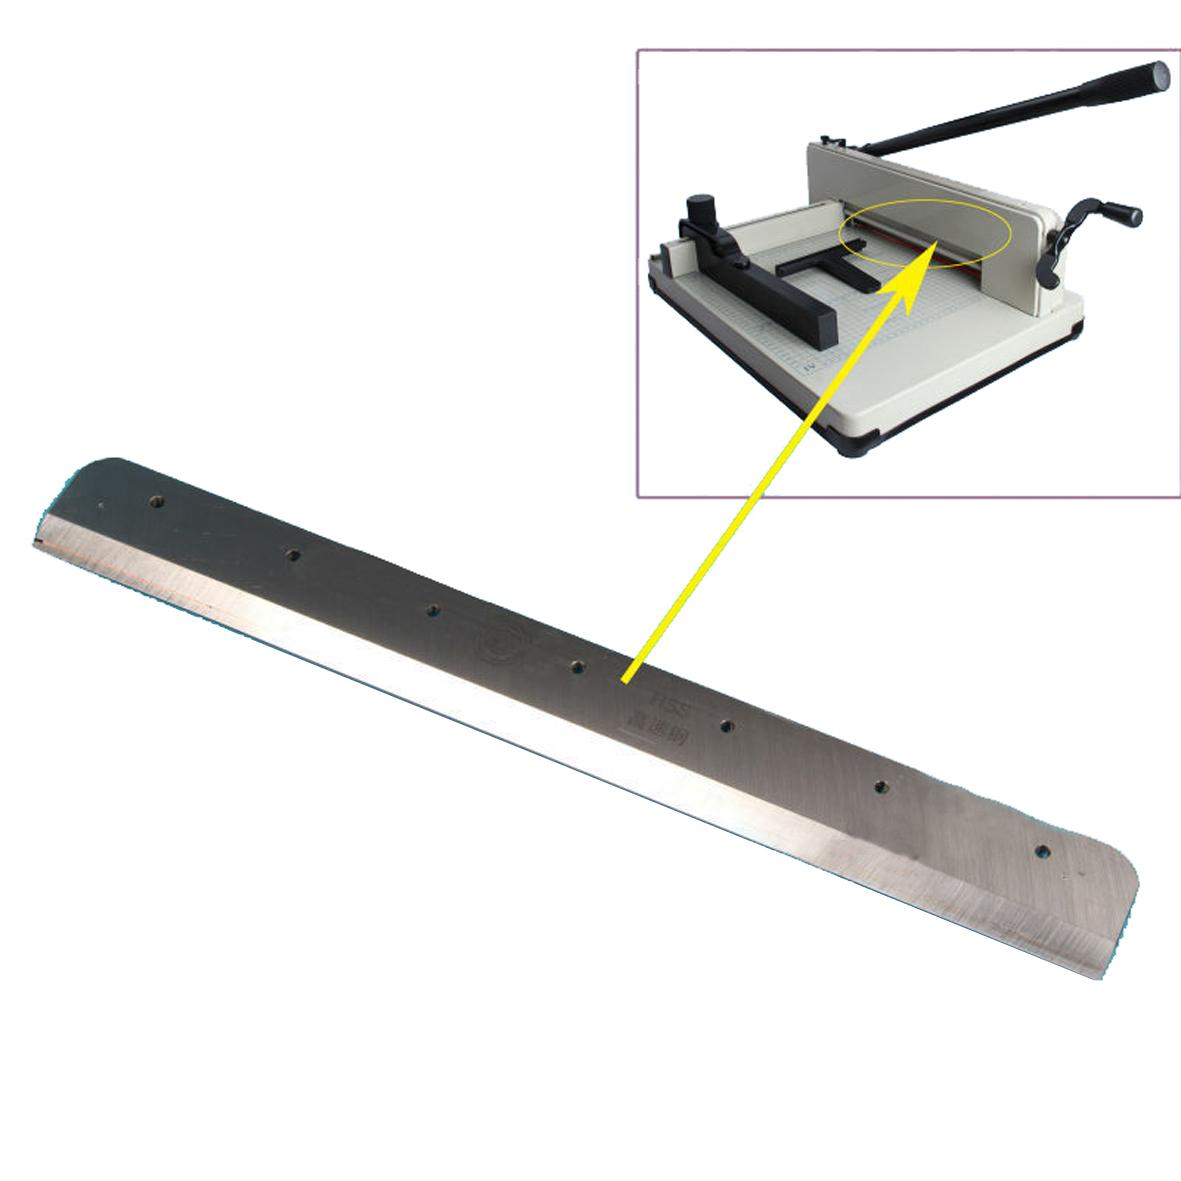 Lưỡi dao bàn cắt giấy YG-858 A4 trợ lực